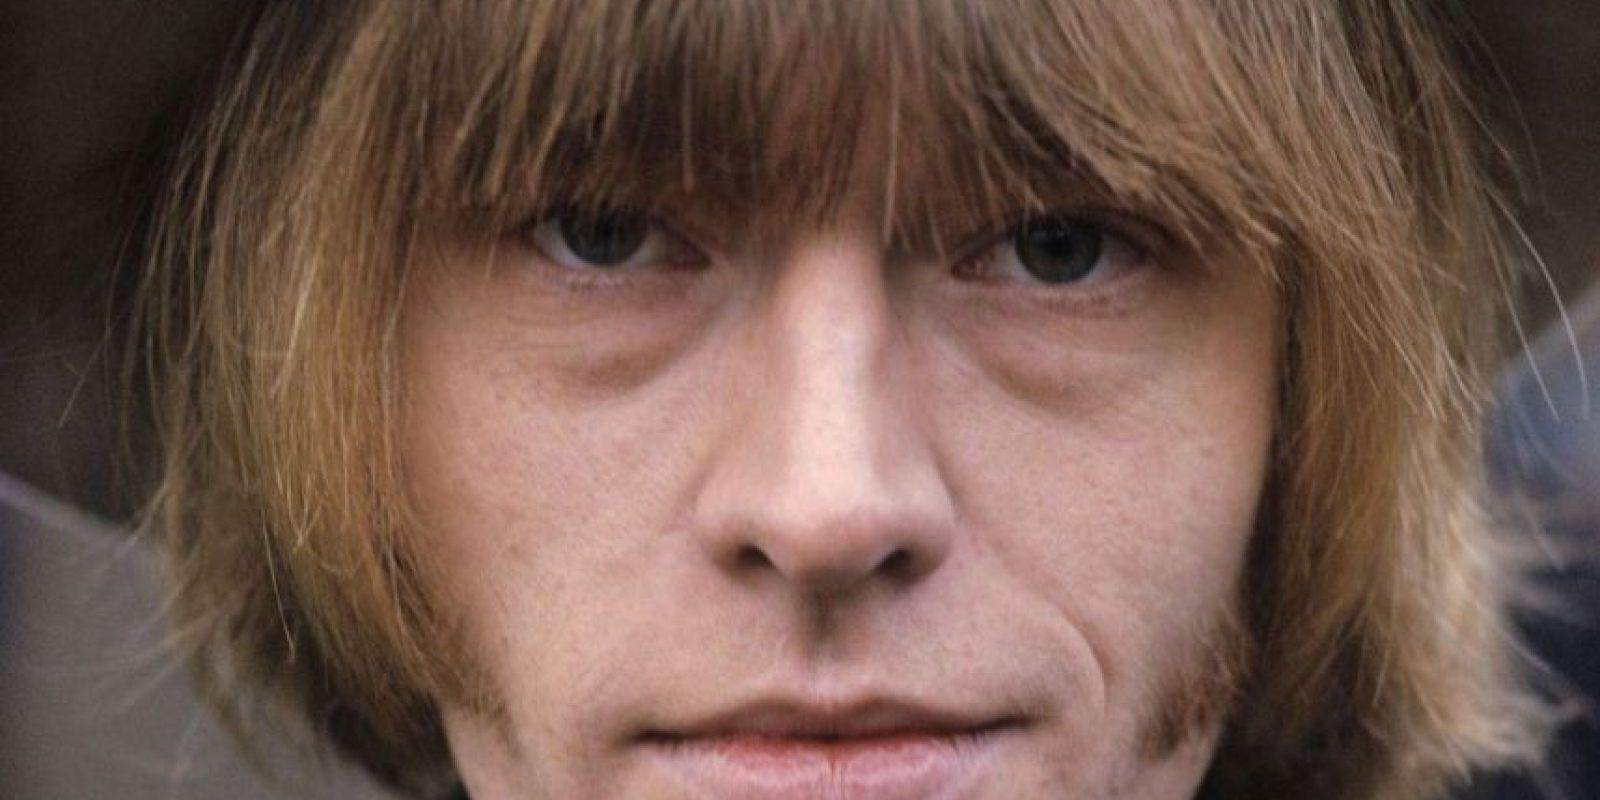 Guitarrista y multi instrumentista de la banda The Rolling Stones. Tal vez el menos conocido del club, pero su miembro fundador, murió ahogado en una piscina em 1969. Foto:Agencias